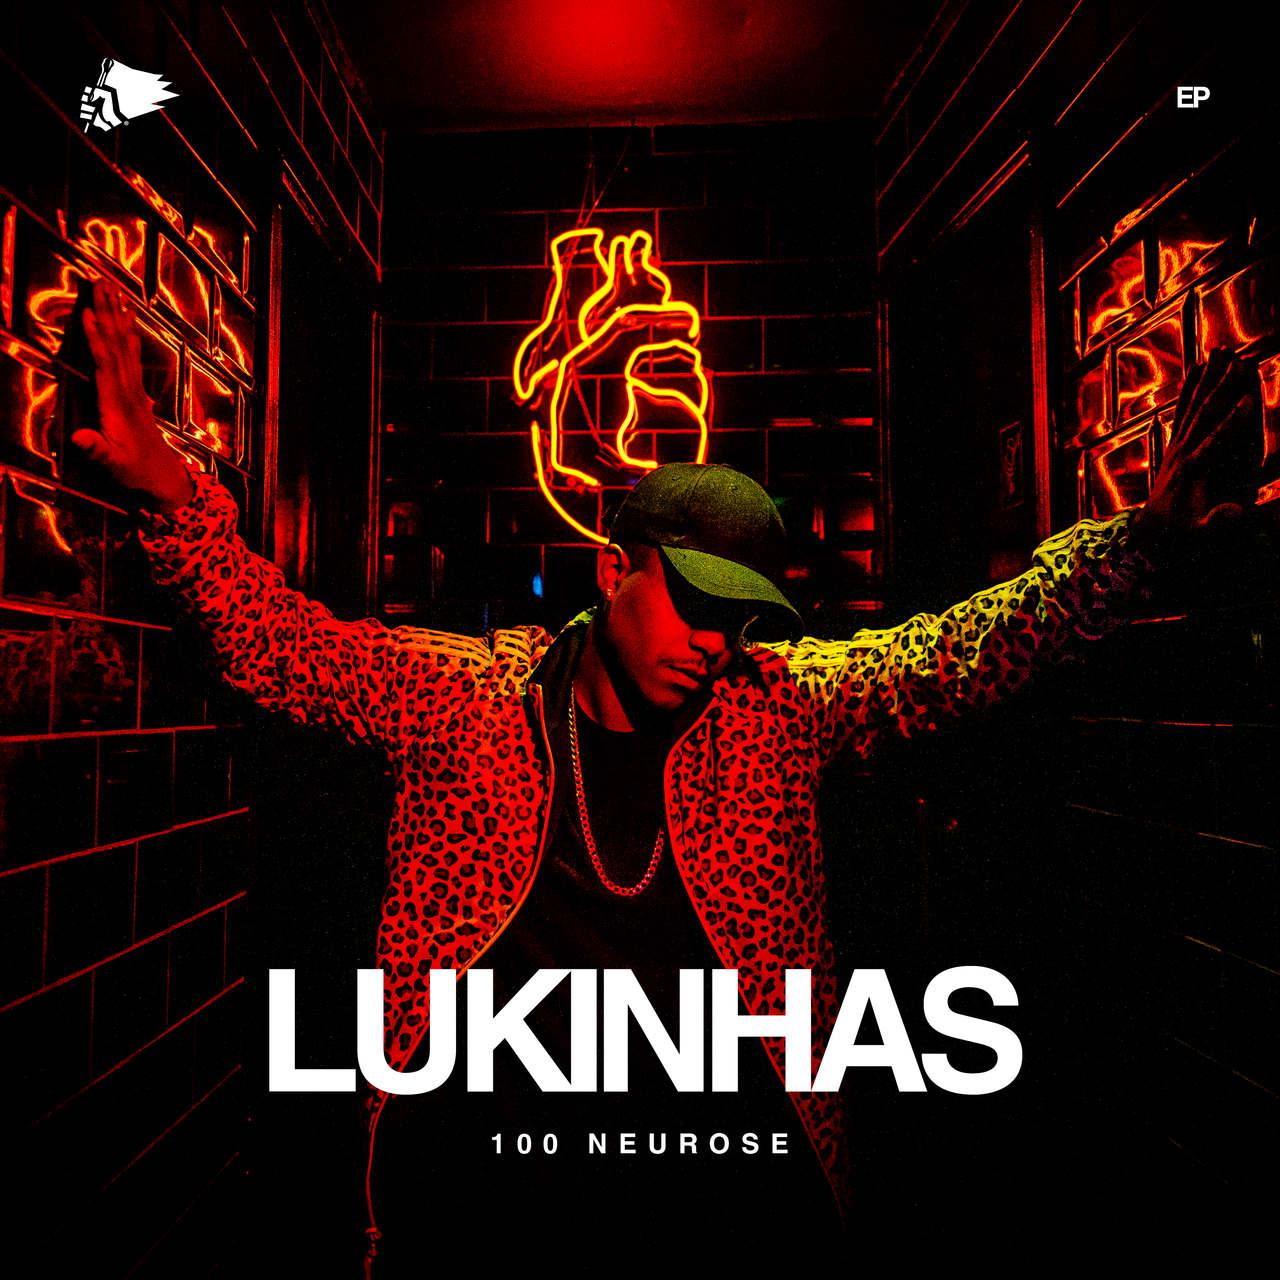 Luan Santana aprova música de Lukinhas, novo artista pop do Inbraza 41